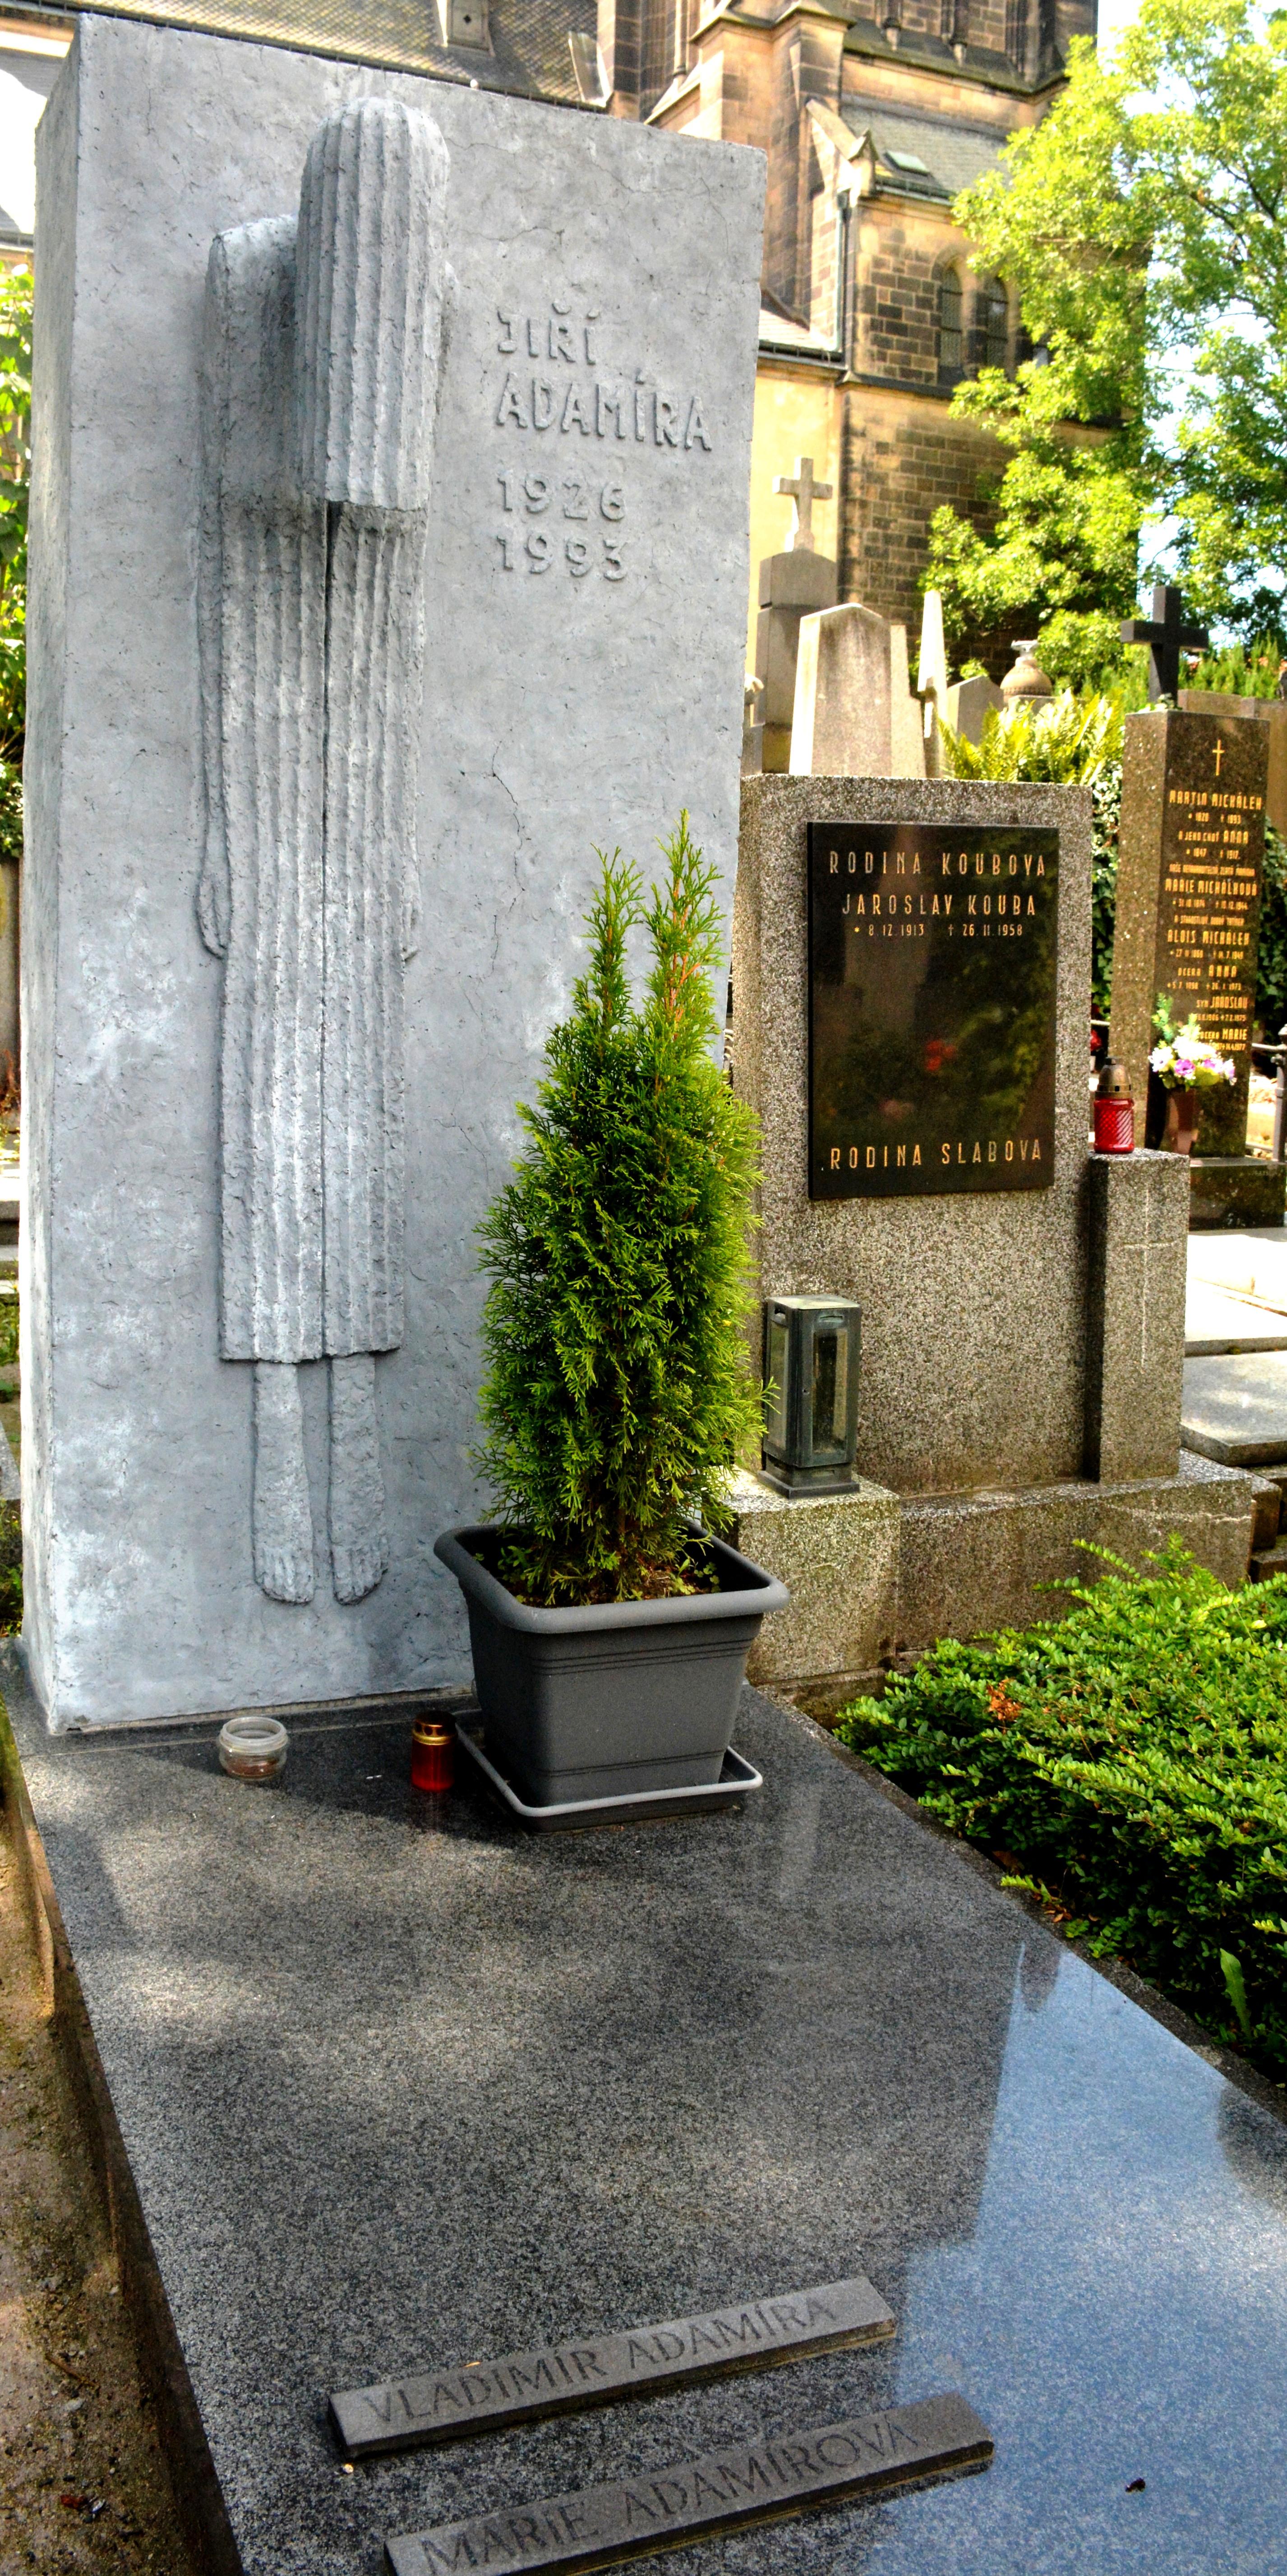 Grave of Jiří Adamíra at [[Vyšehrad Cemetery